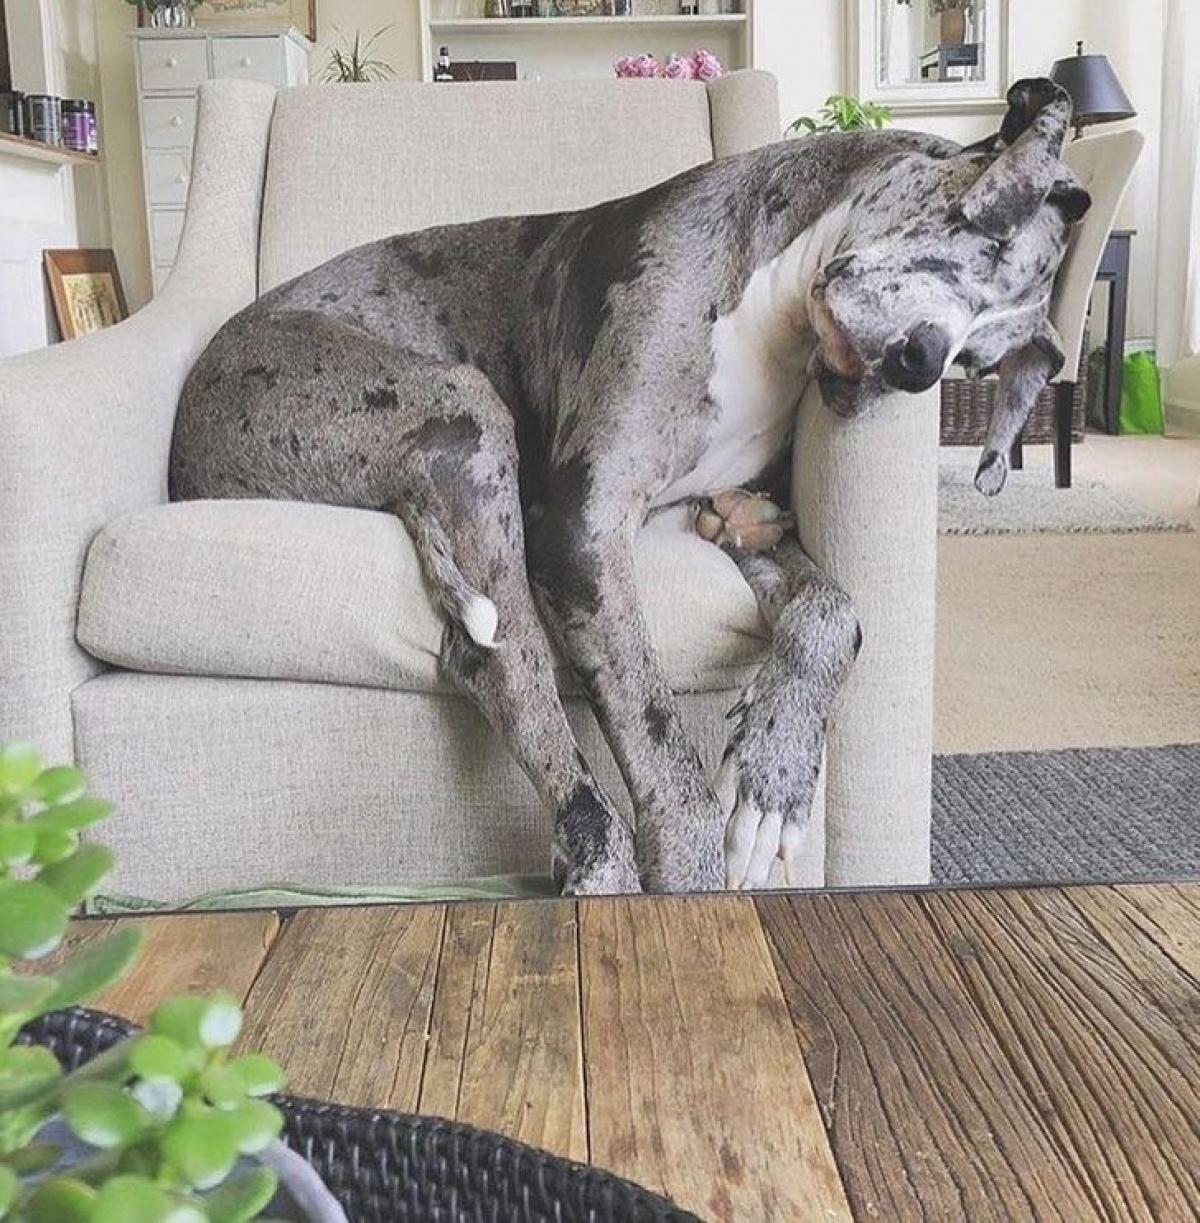 Chú chó tựa đầu ngủ quên trên ghế sofa.